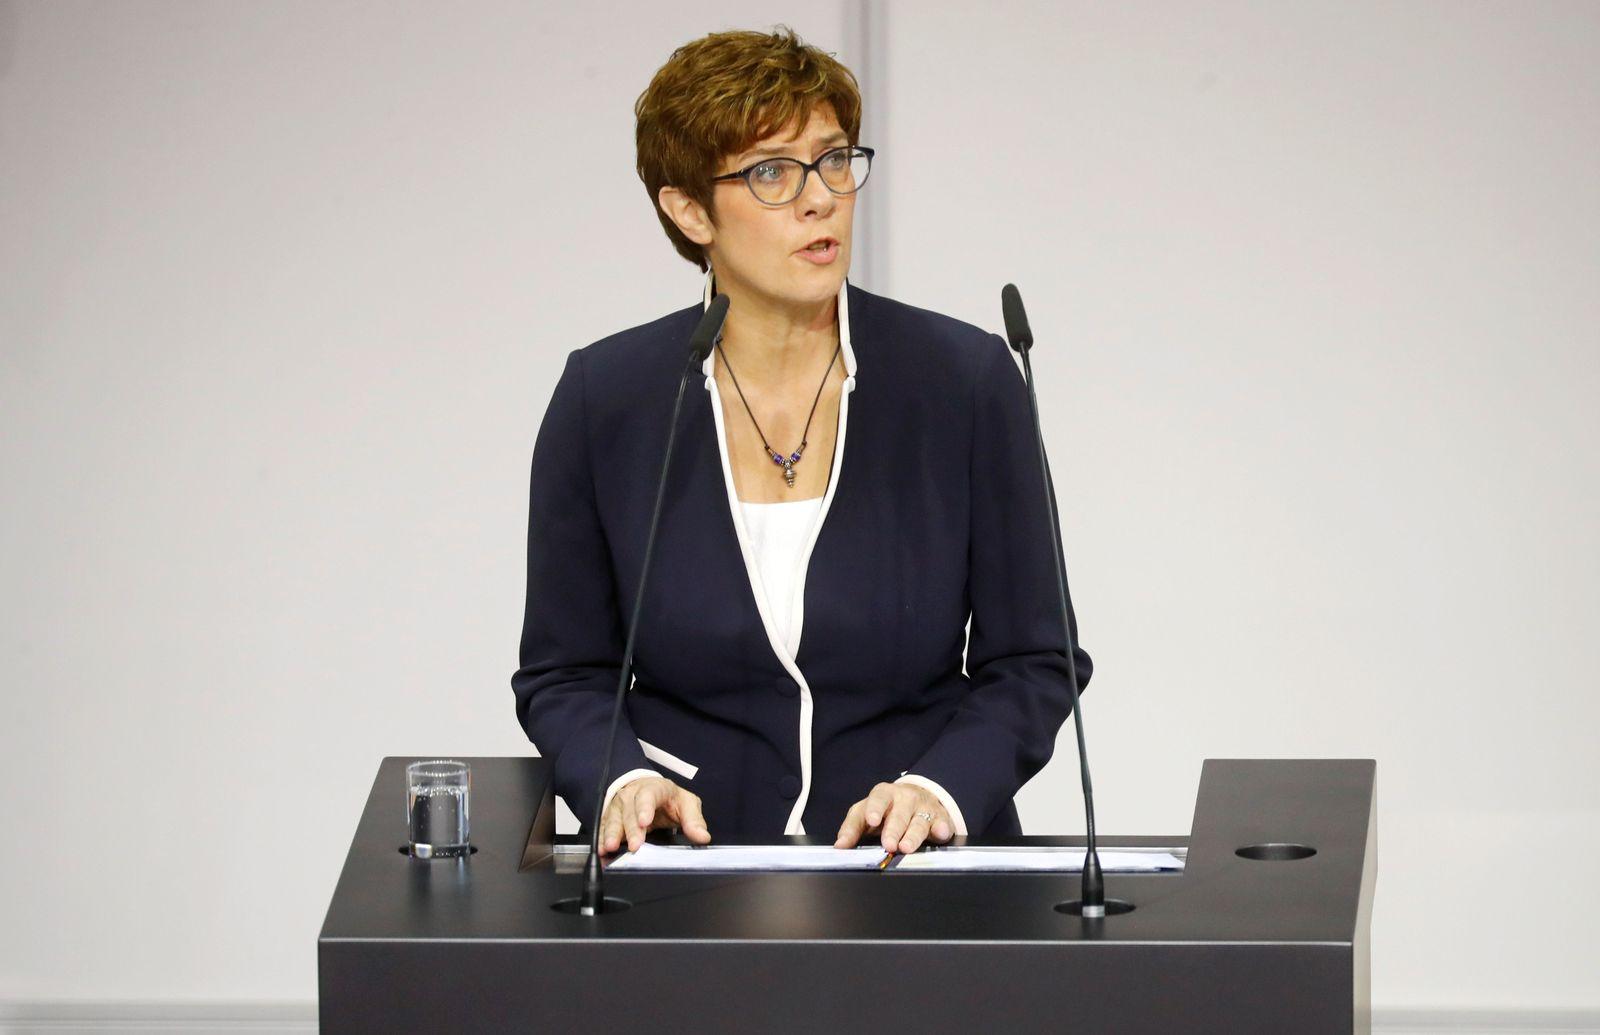 Annegret Kramp-Karrenbauer/ Vereidigung